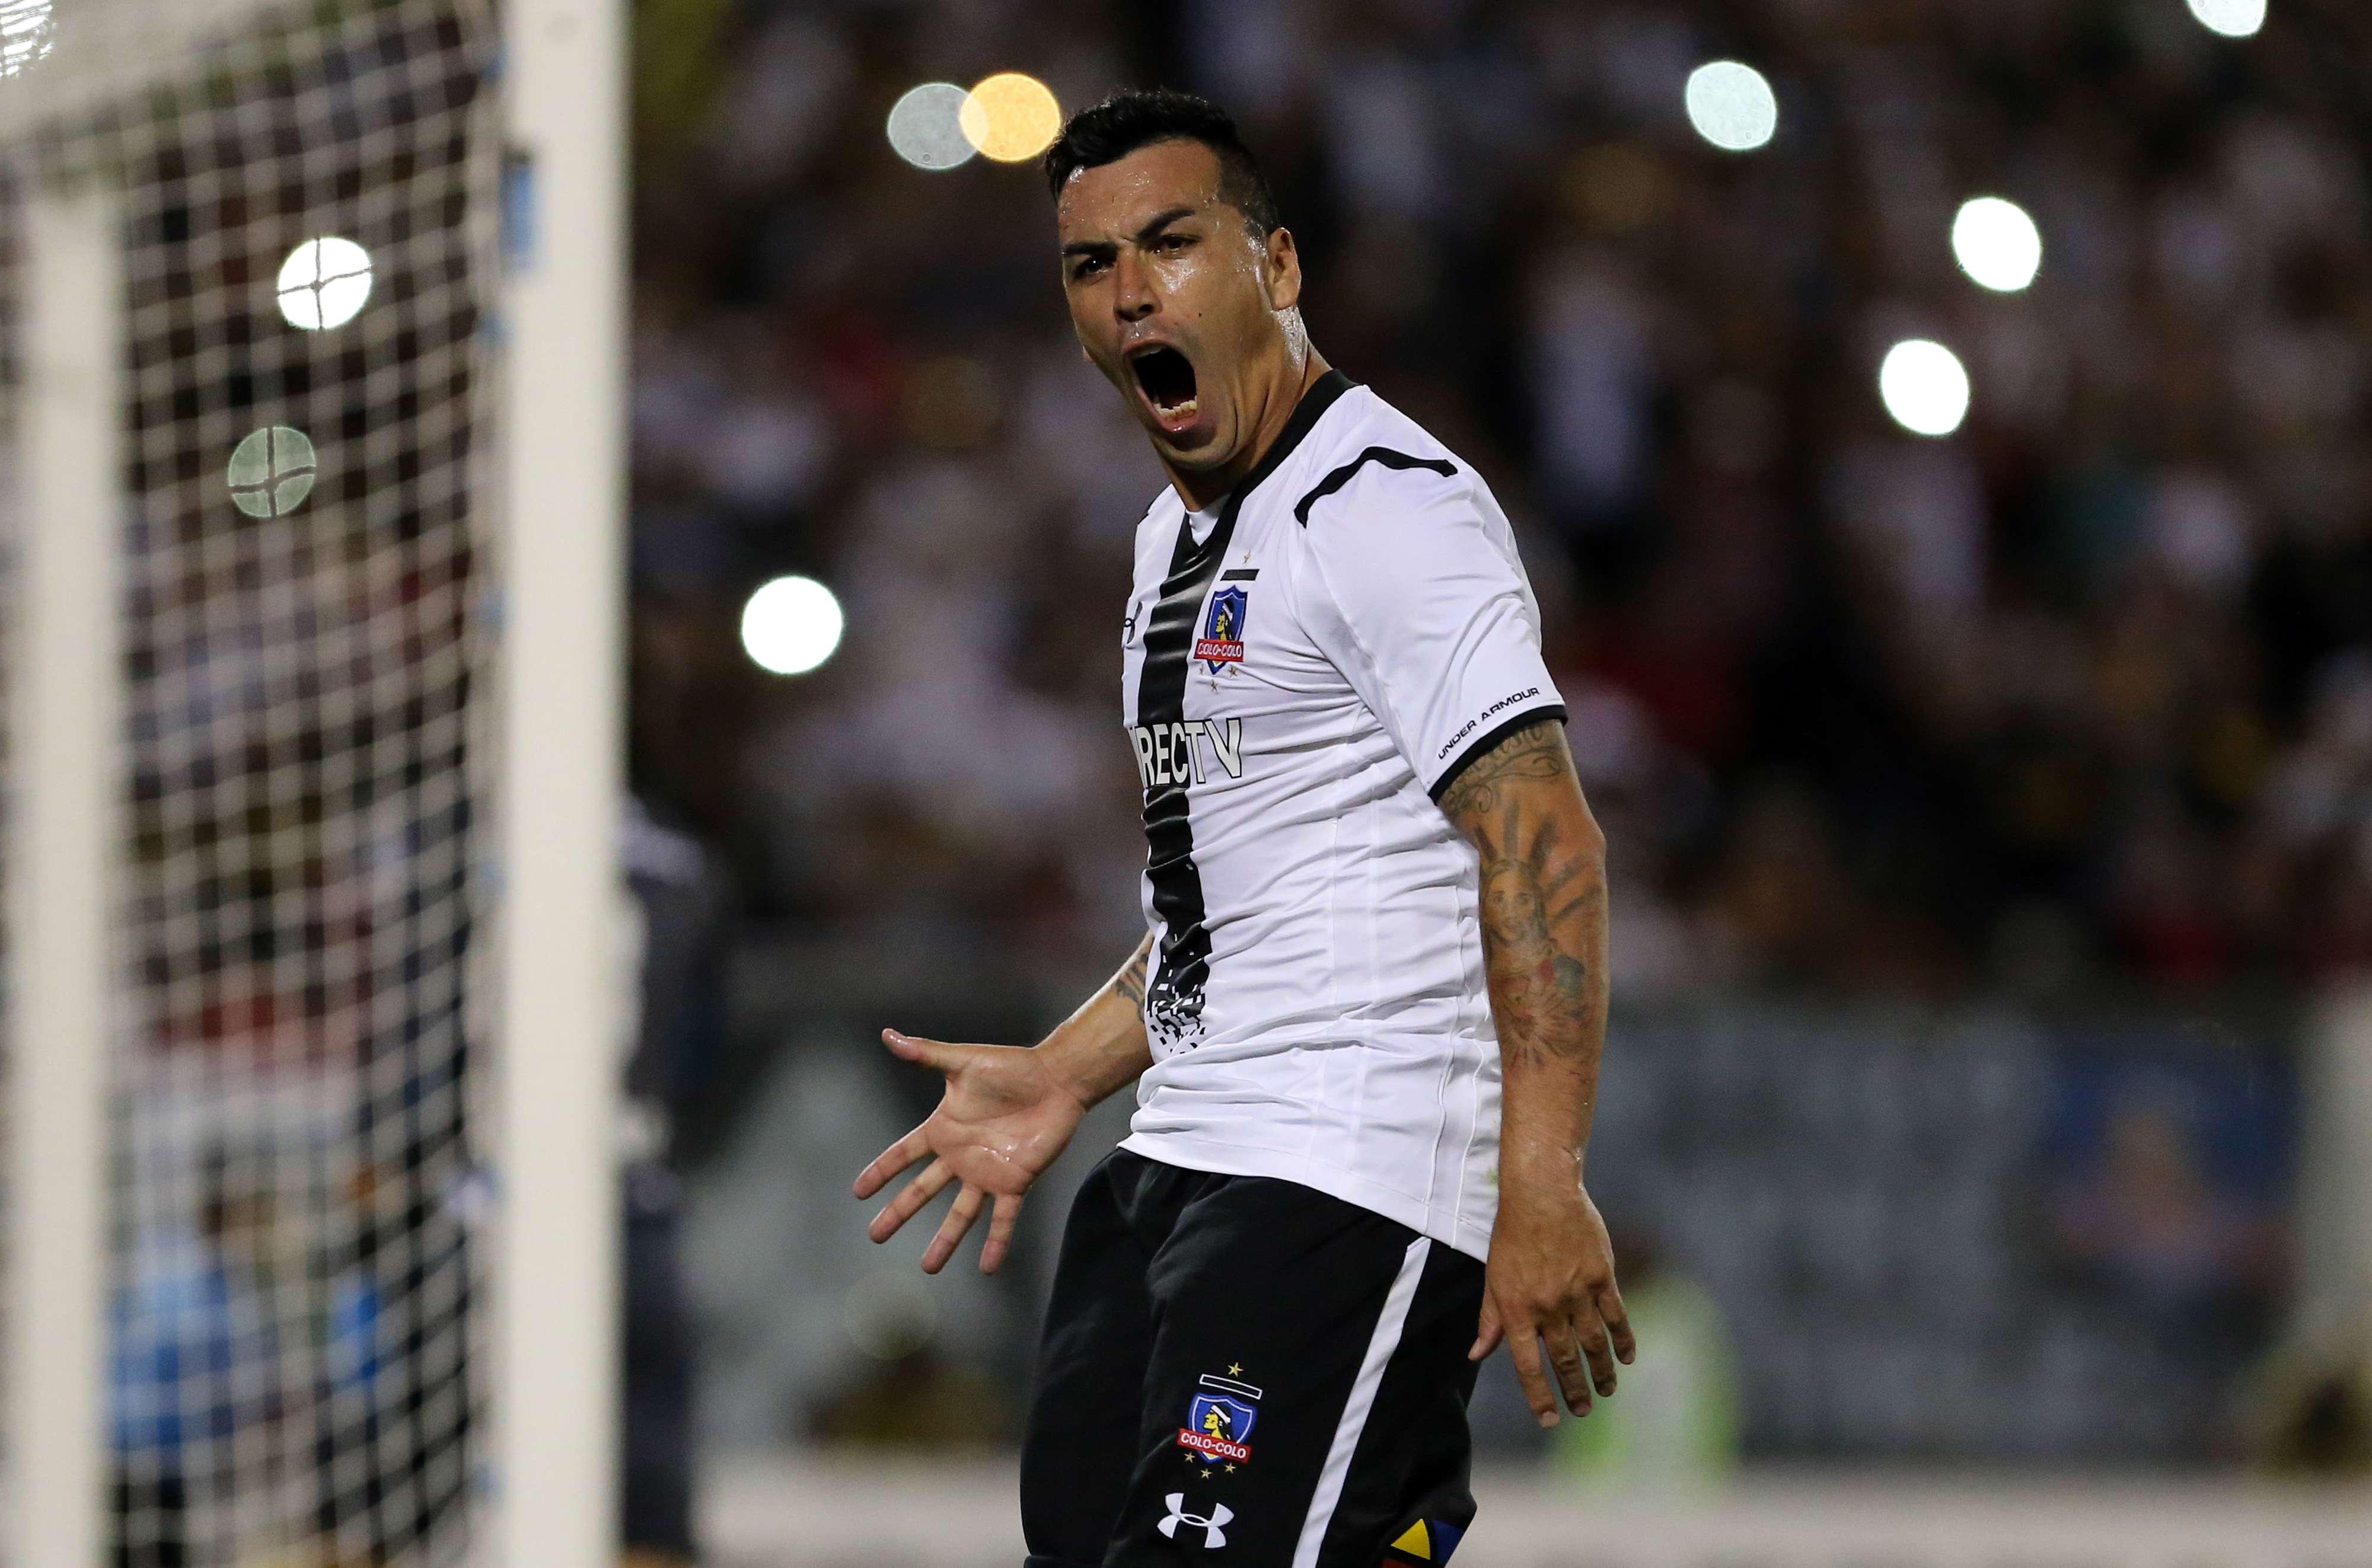 Con doblete de Esteban Paredes, colo Colo liquida al Atlas, en la Copa Libertadores Foto: Mexsport